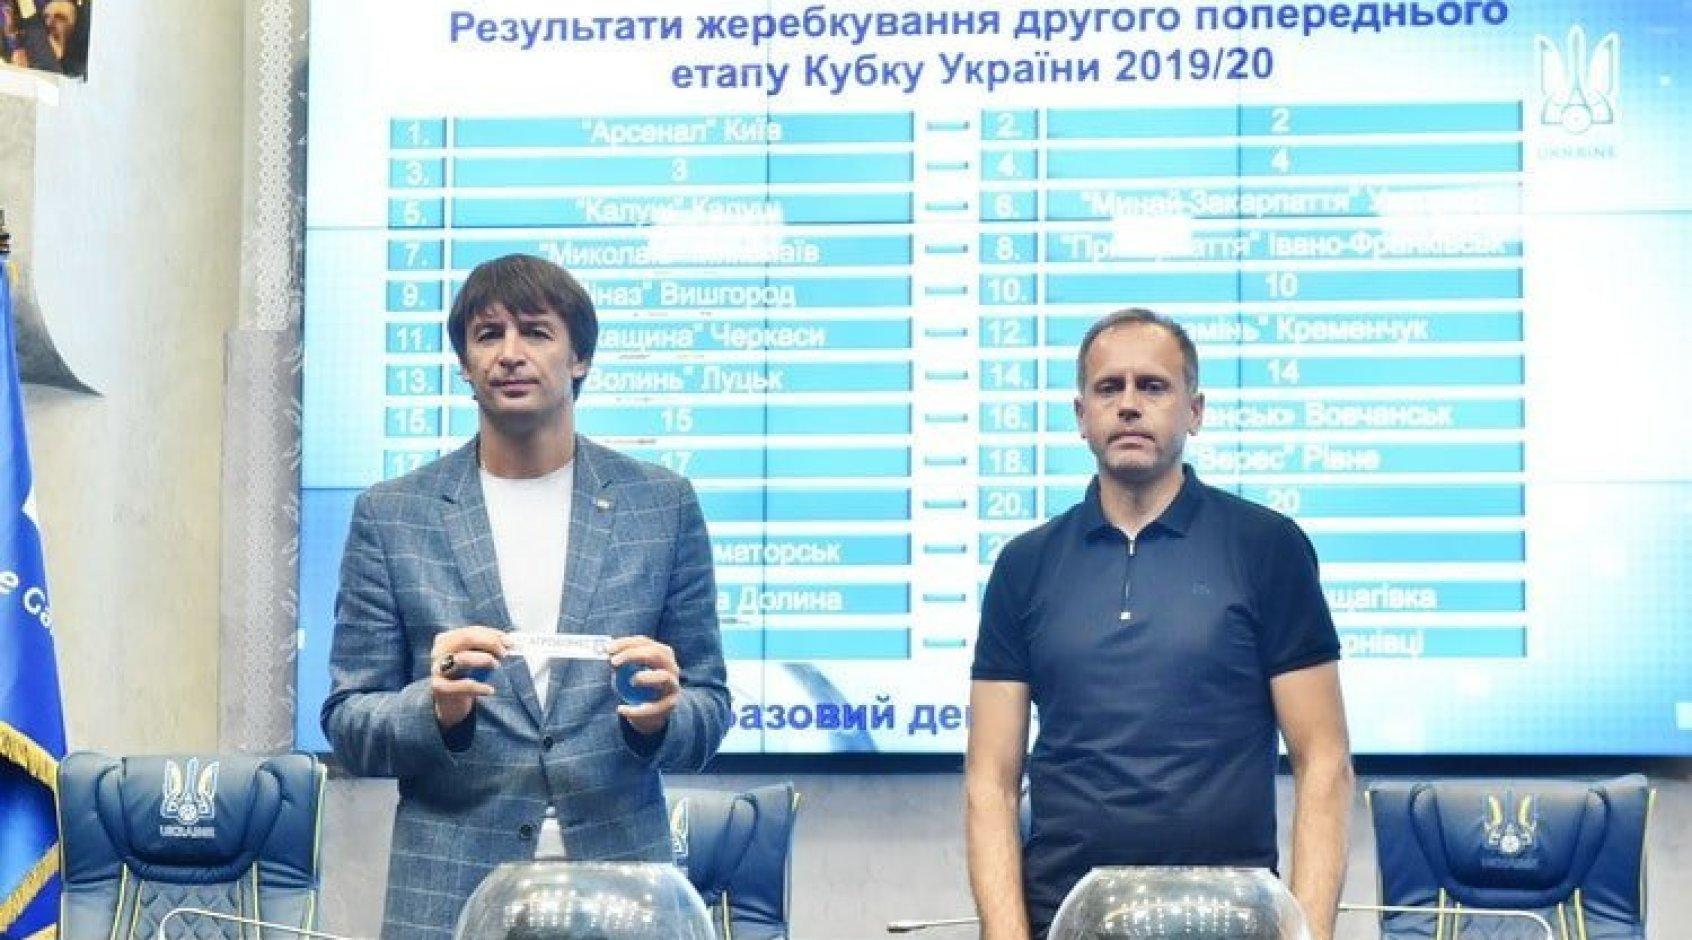 Відбулося жеребкування другого попереднього етапу Кубку України сезону-2019/2020